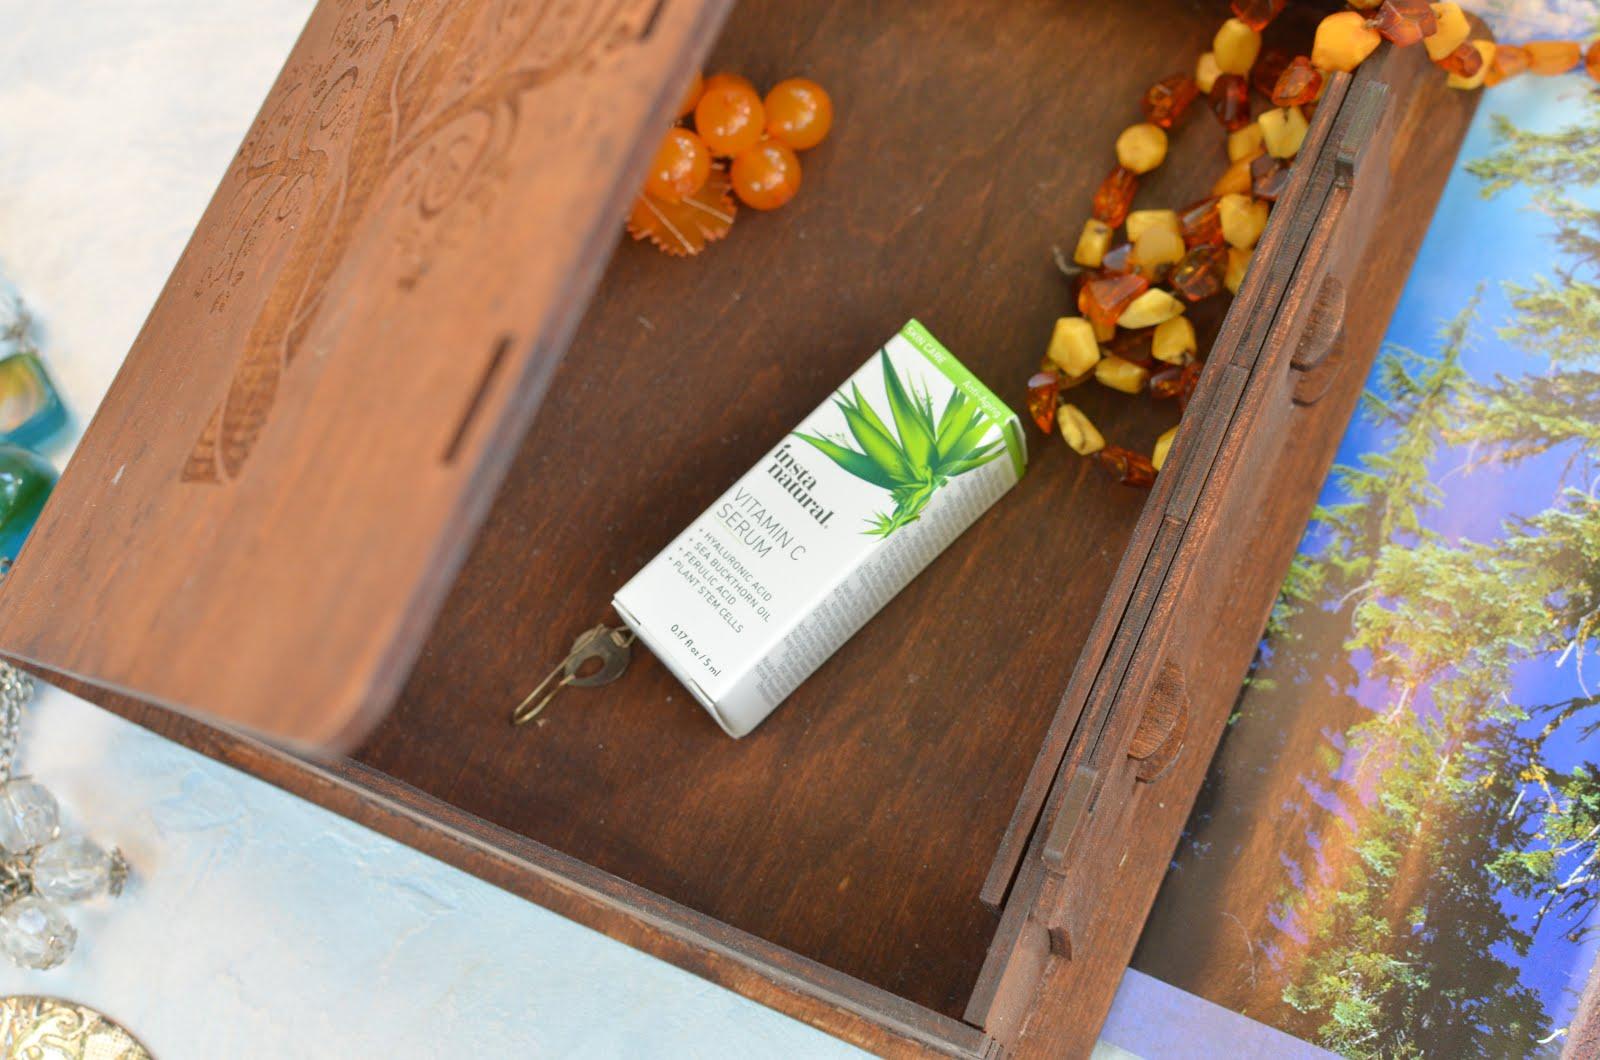 InstaNatural Vitamin C Anti-Aging Serum with Hyaluronic Acid + Ferulic Acid\ Антивозрастная сыворотка с витамином С, гиалуроновой и феруловой кислотой